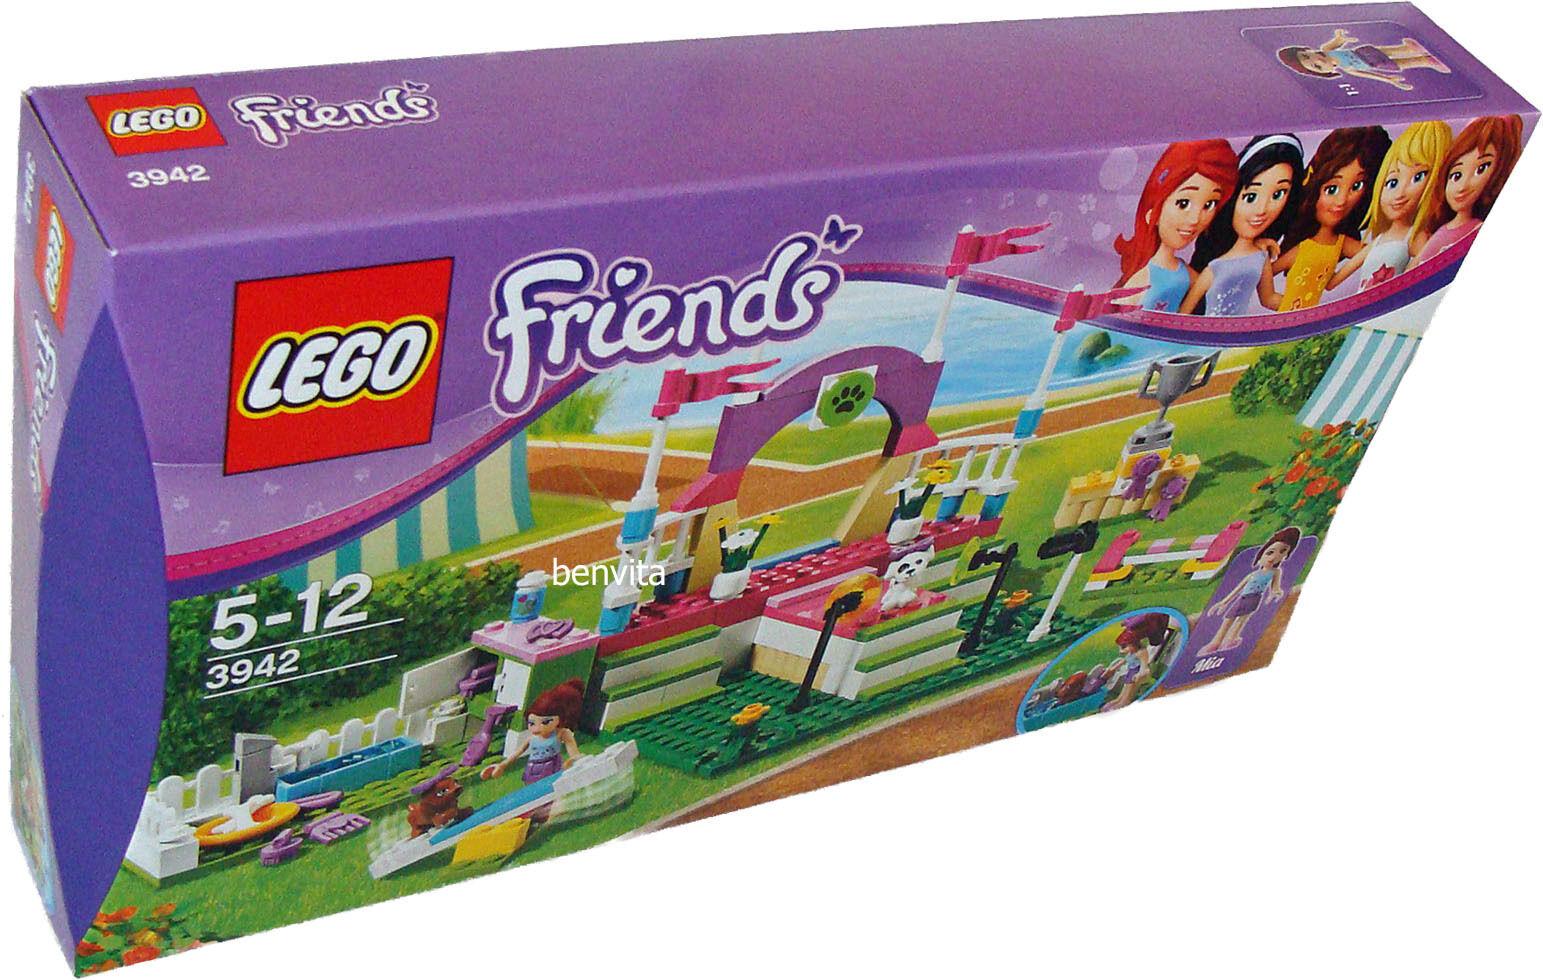 Lego® Friends 3942 - Die große Hundeschau 183 Teile 5-12 Jahren - Neu